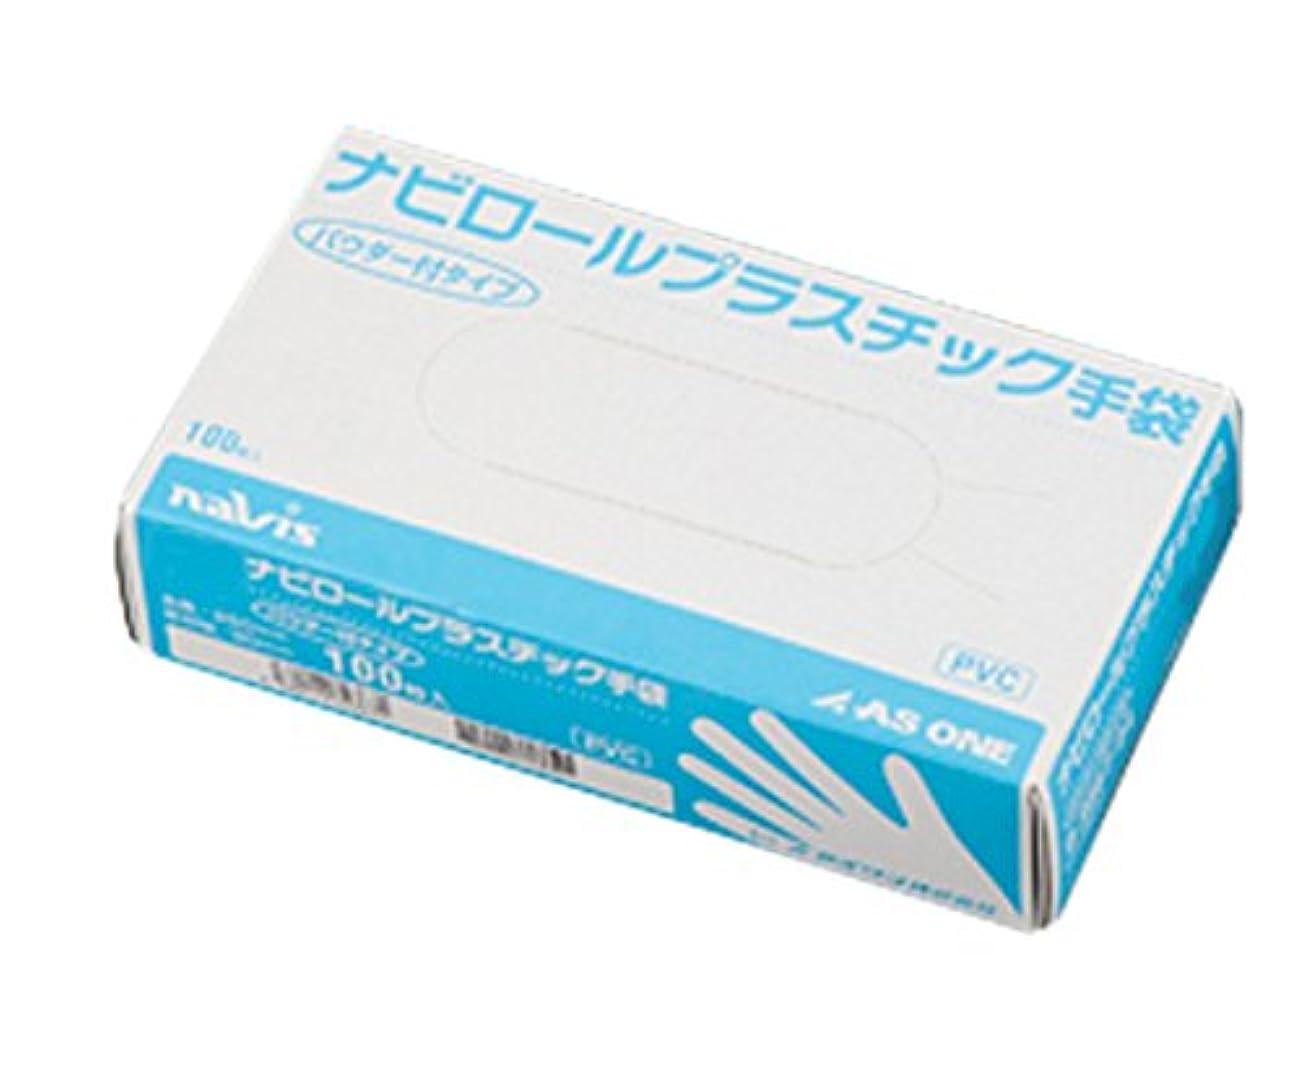 文法サミュエル退屈なアズワン ナビロールプラスチック手袋(パウダー付き) L 100枚入 /0-9867-01